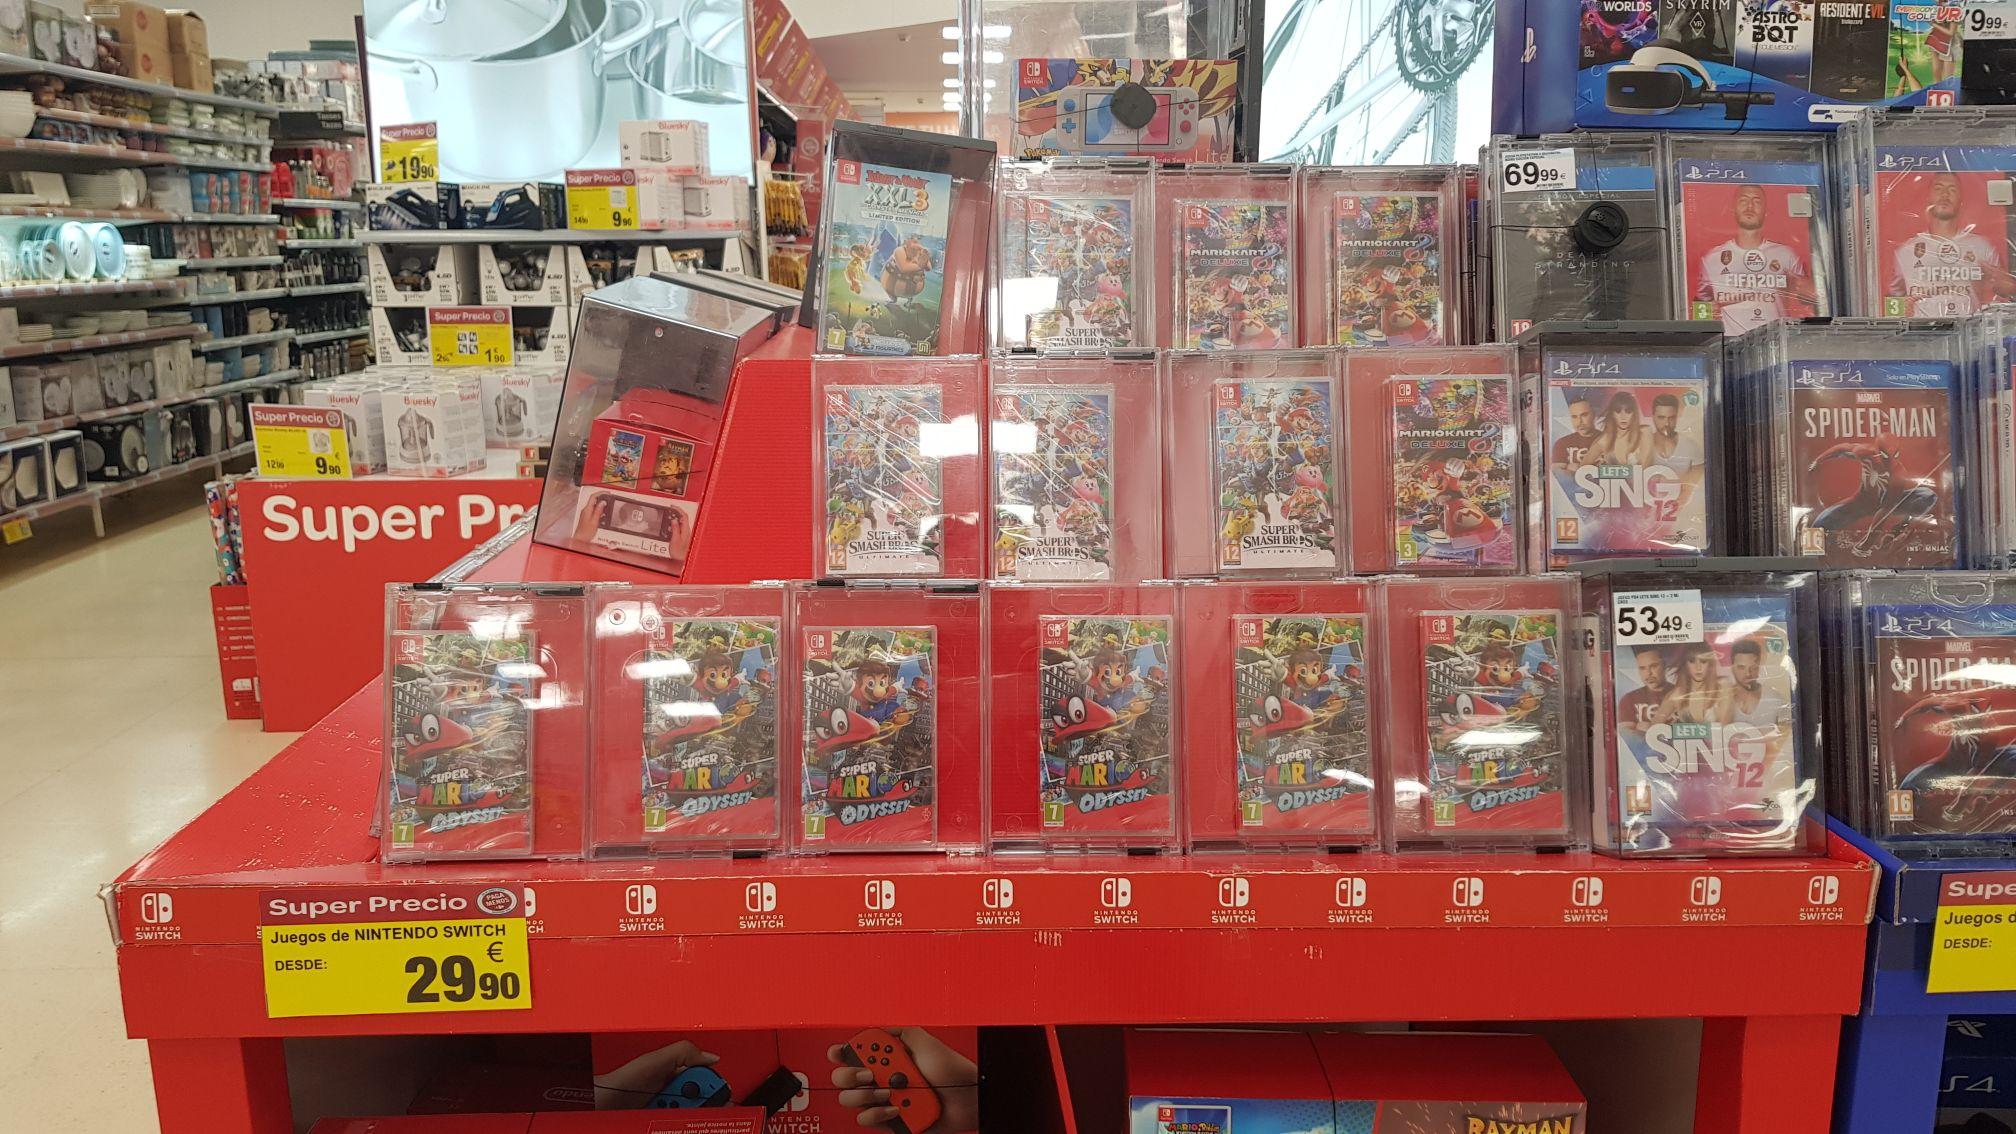 Juegos nintendo switch desde 29,90 en Carrefour palma de Mallorca